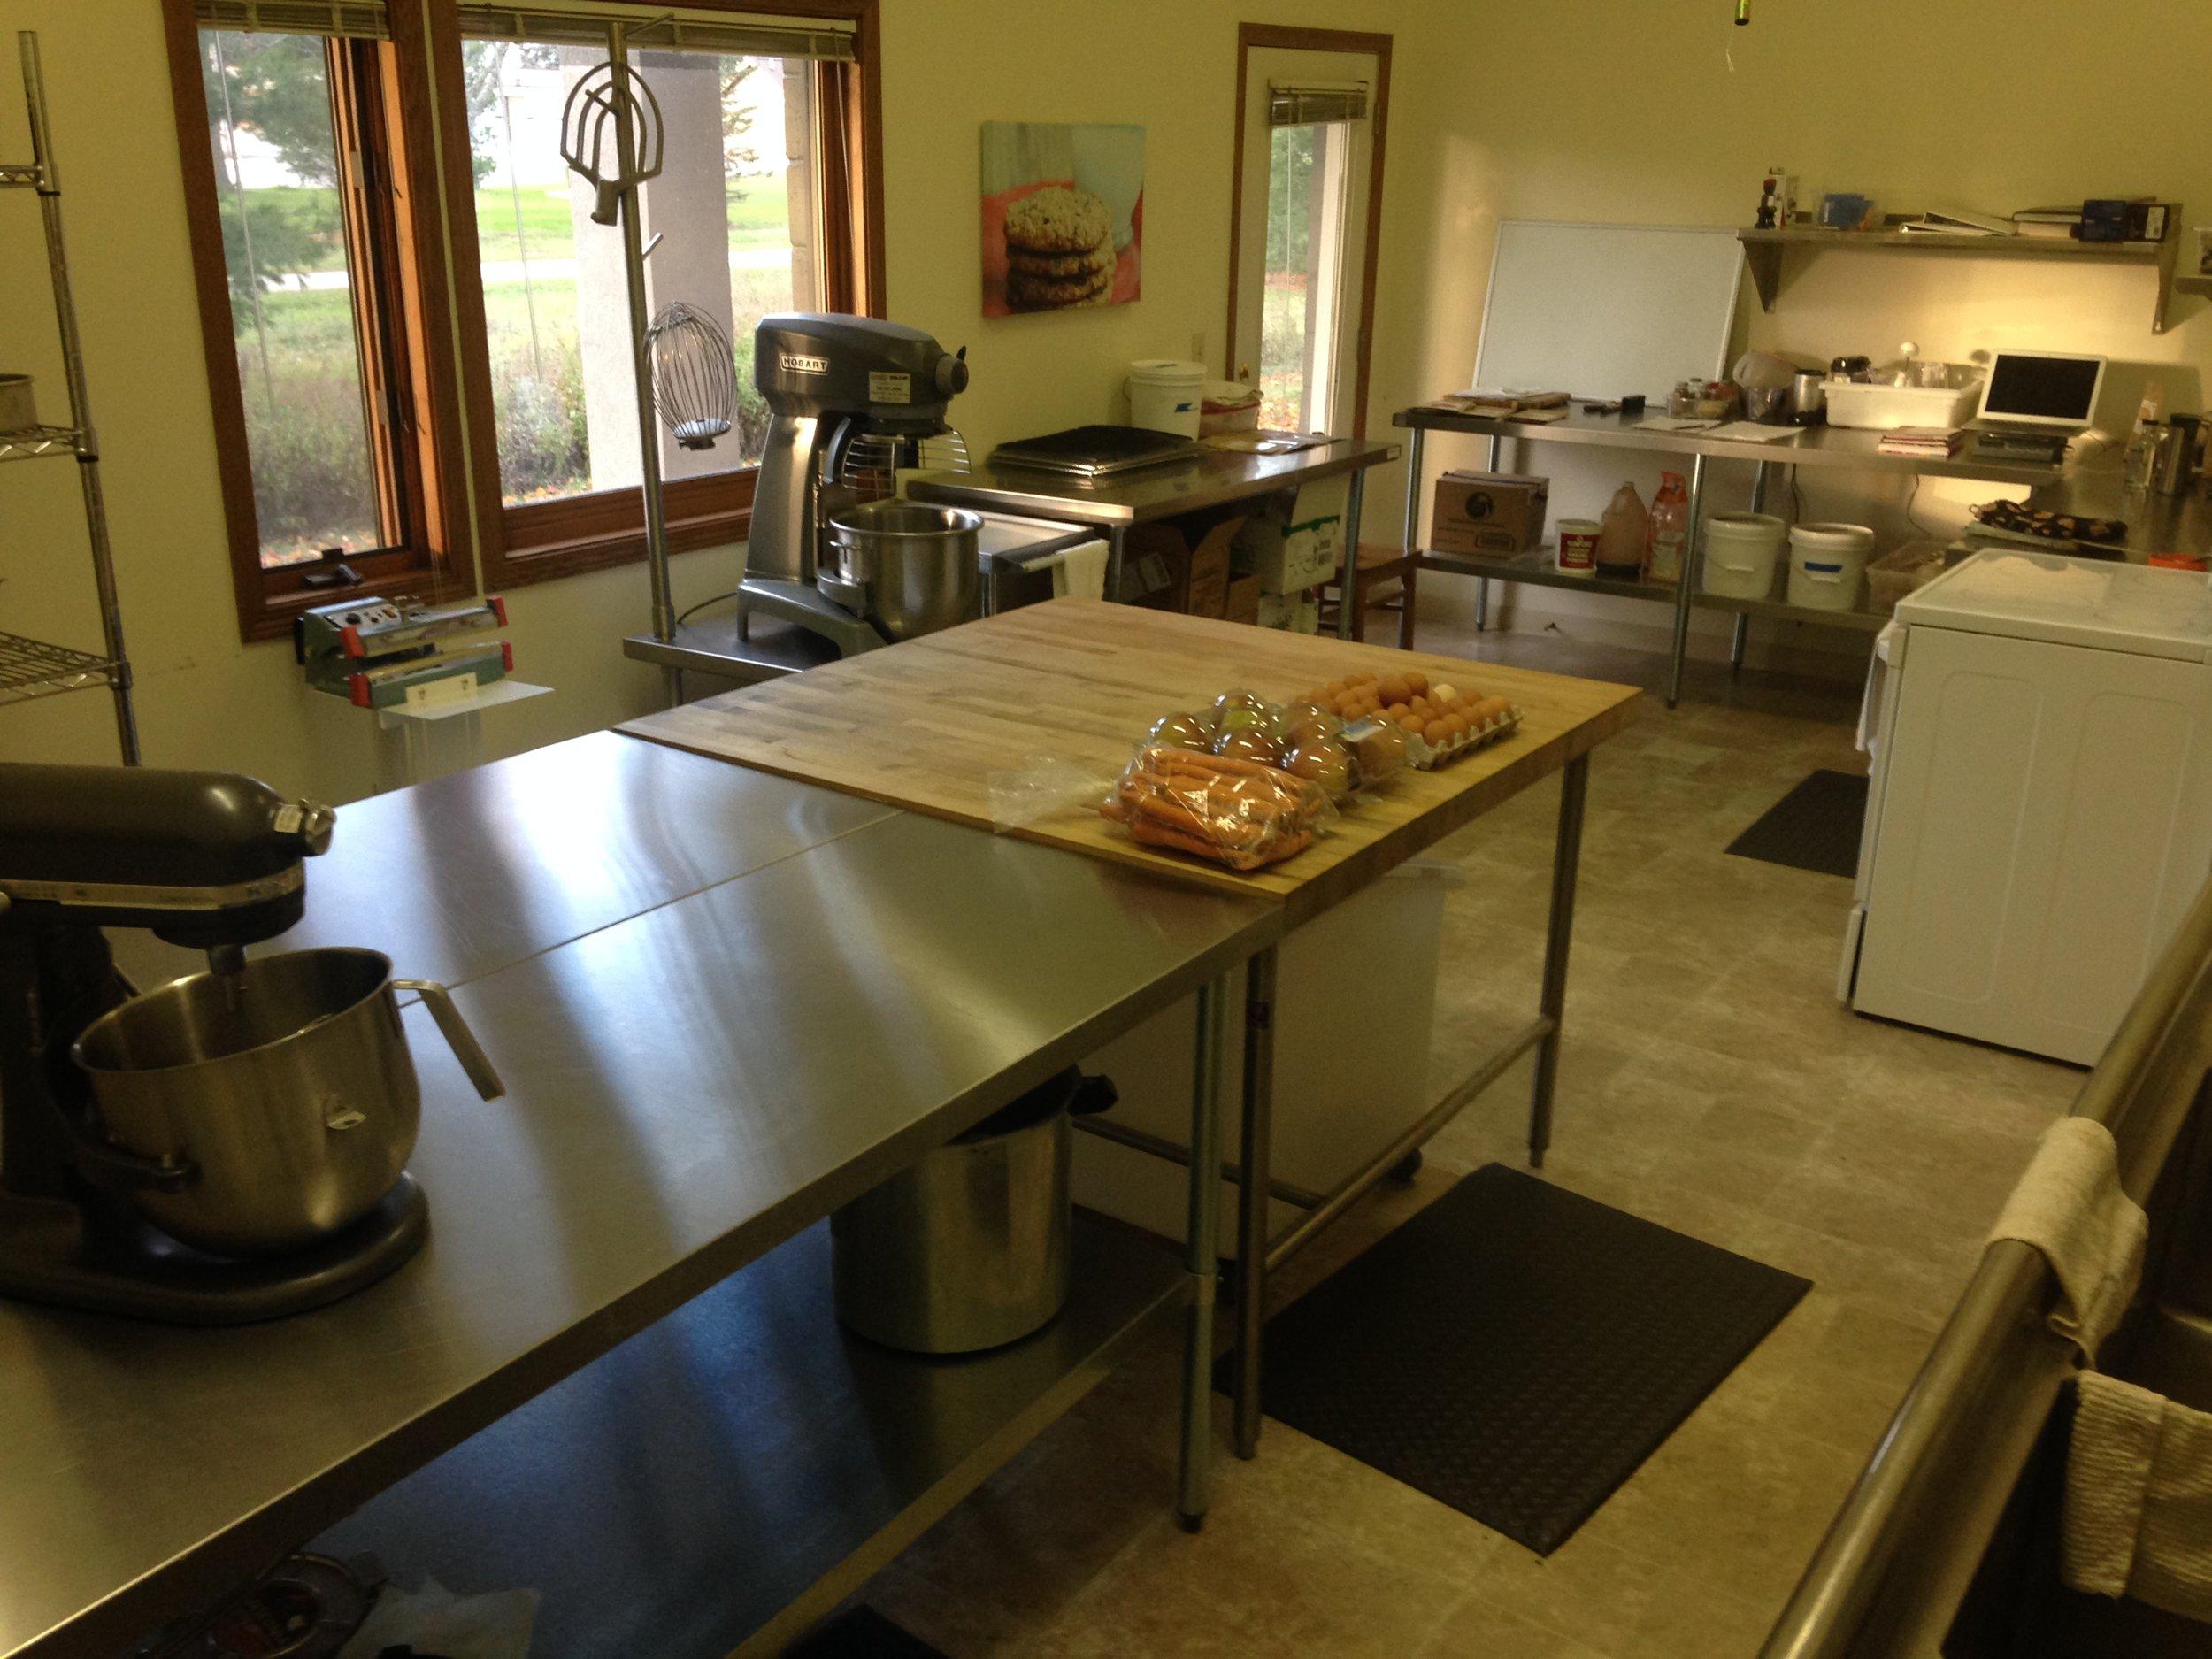 Kitchen Picture.JPG